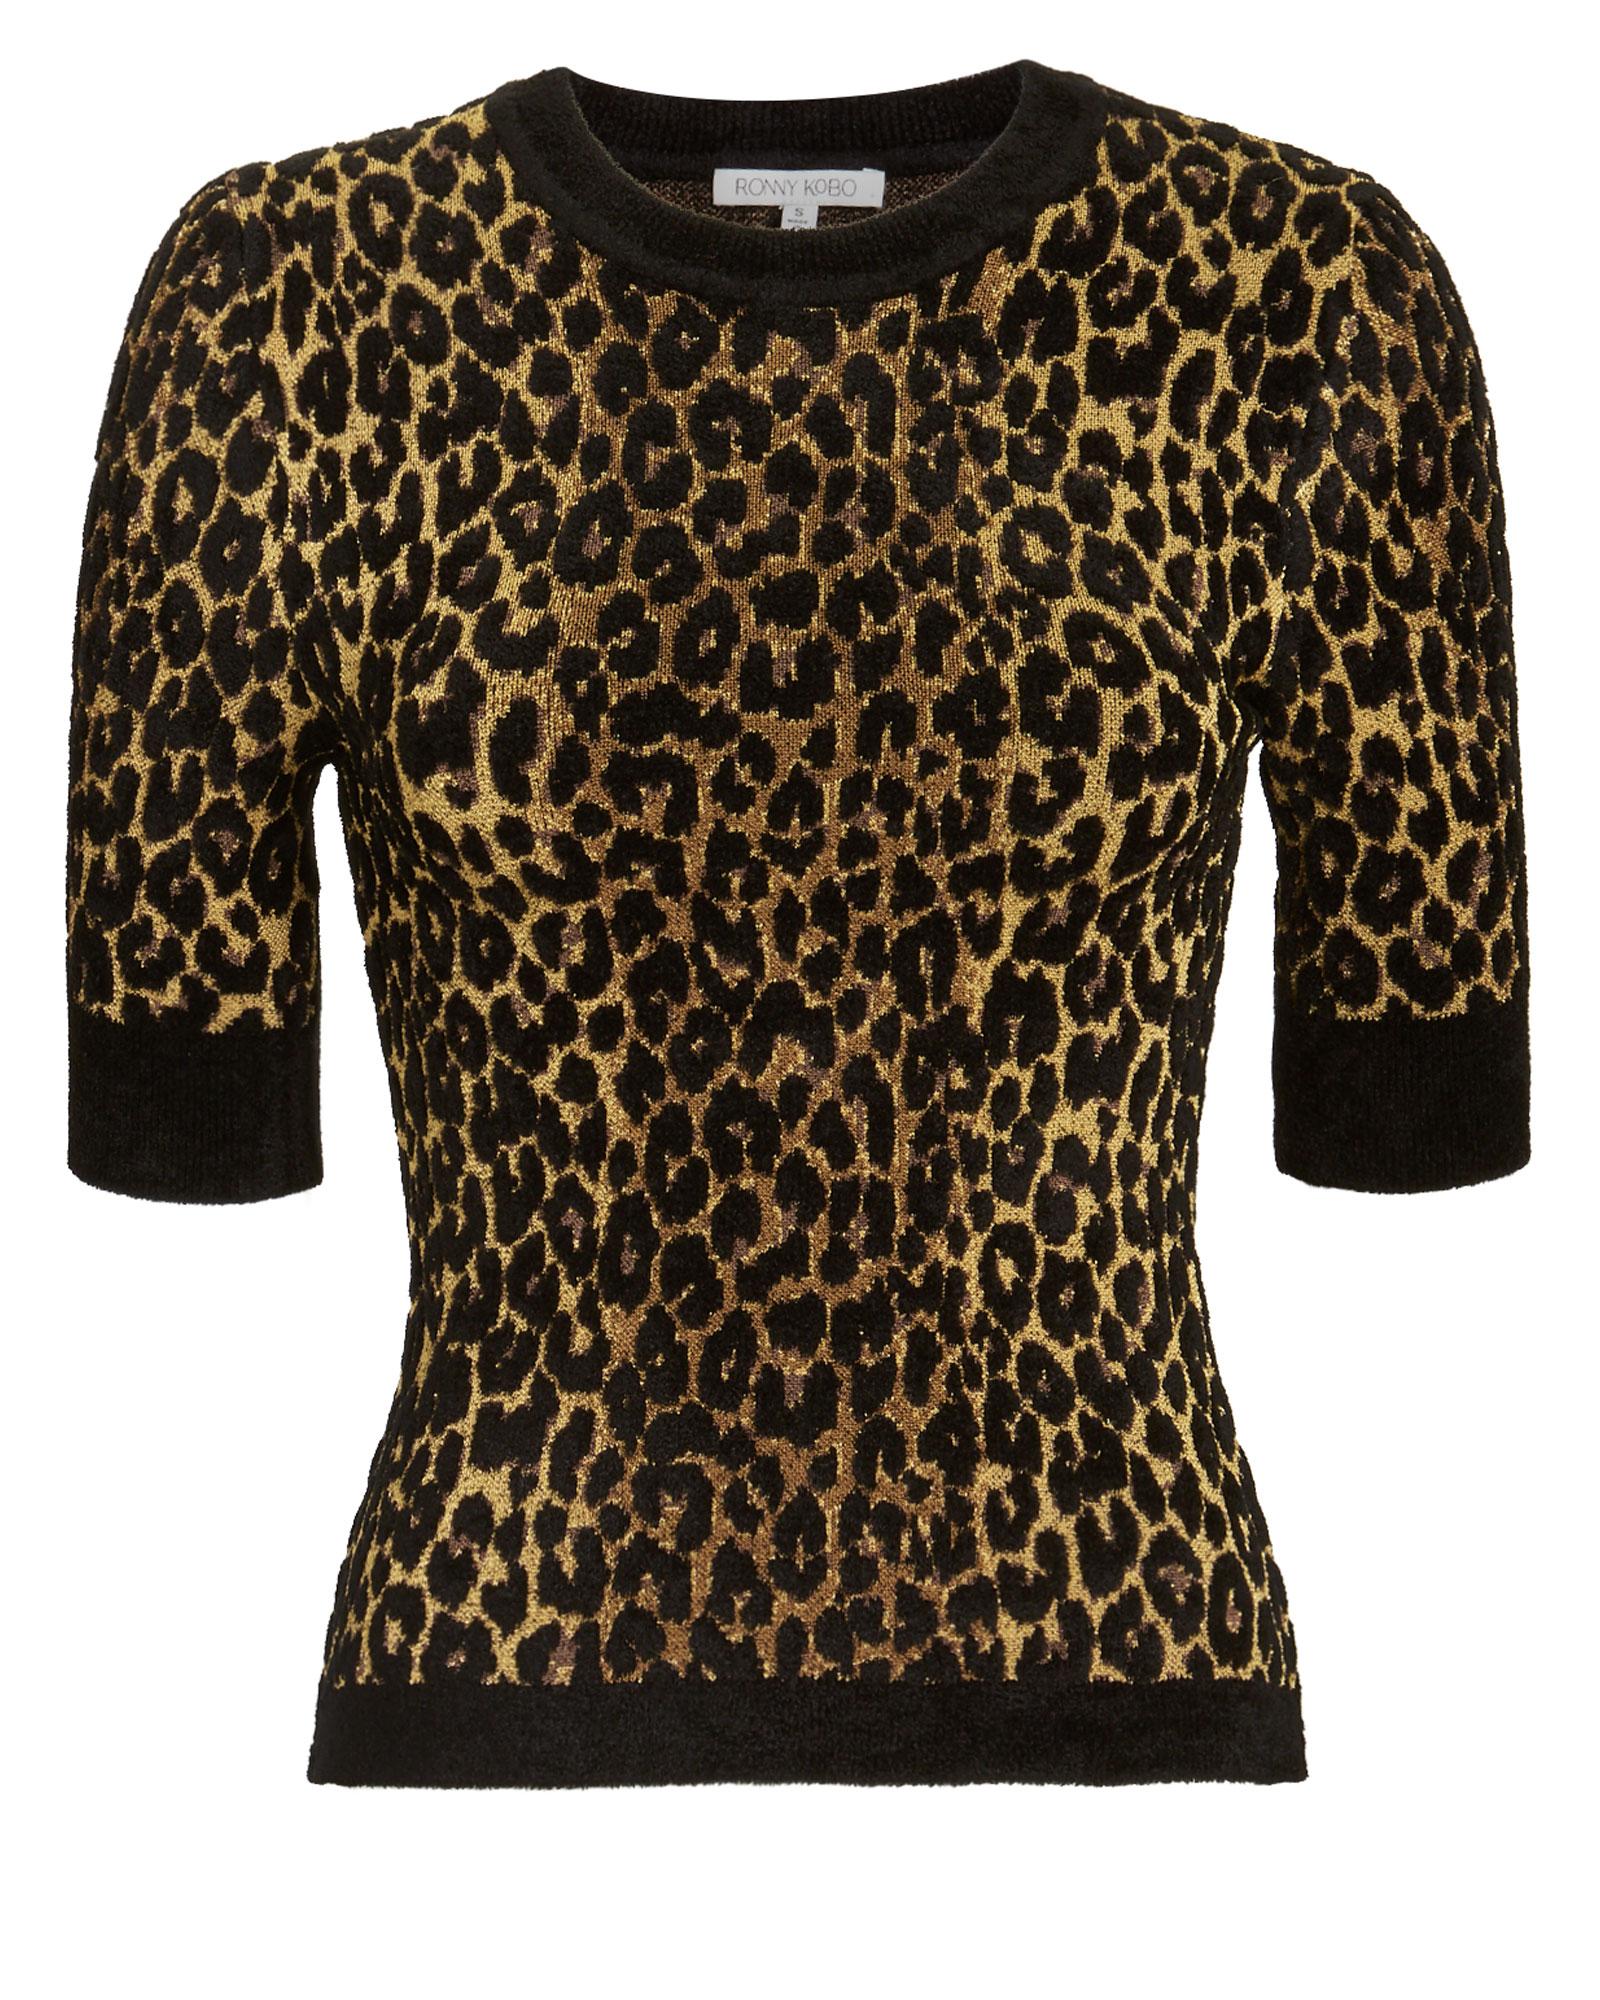 TORN Ronny Kobo Leopard Print Knit Top Leopard